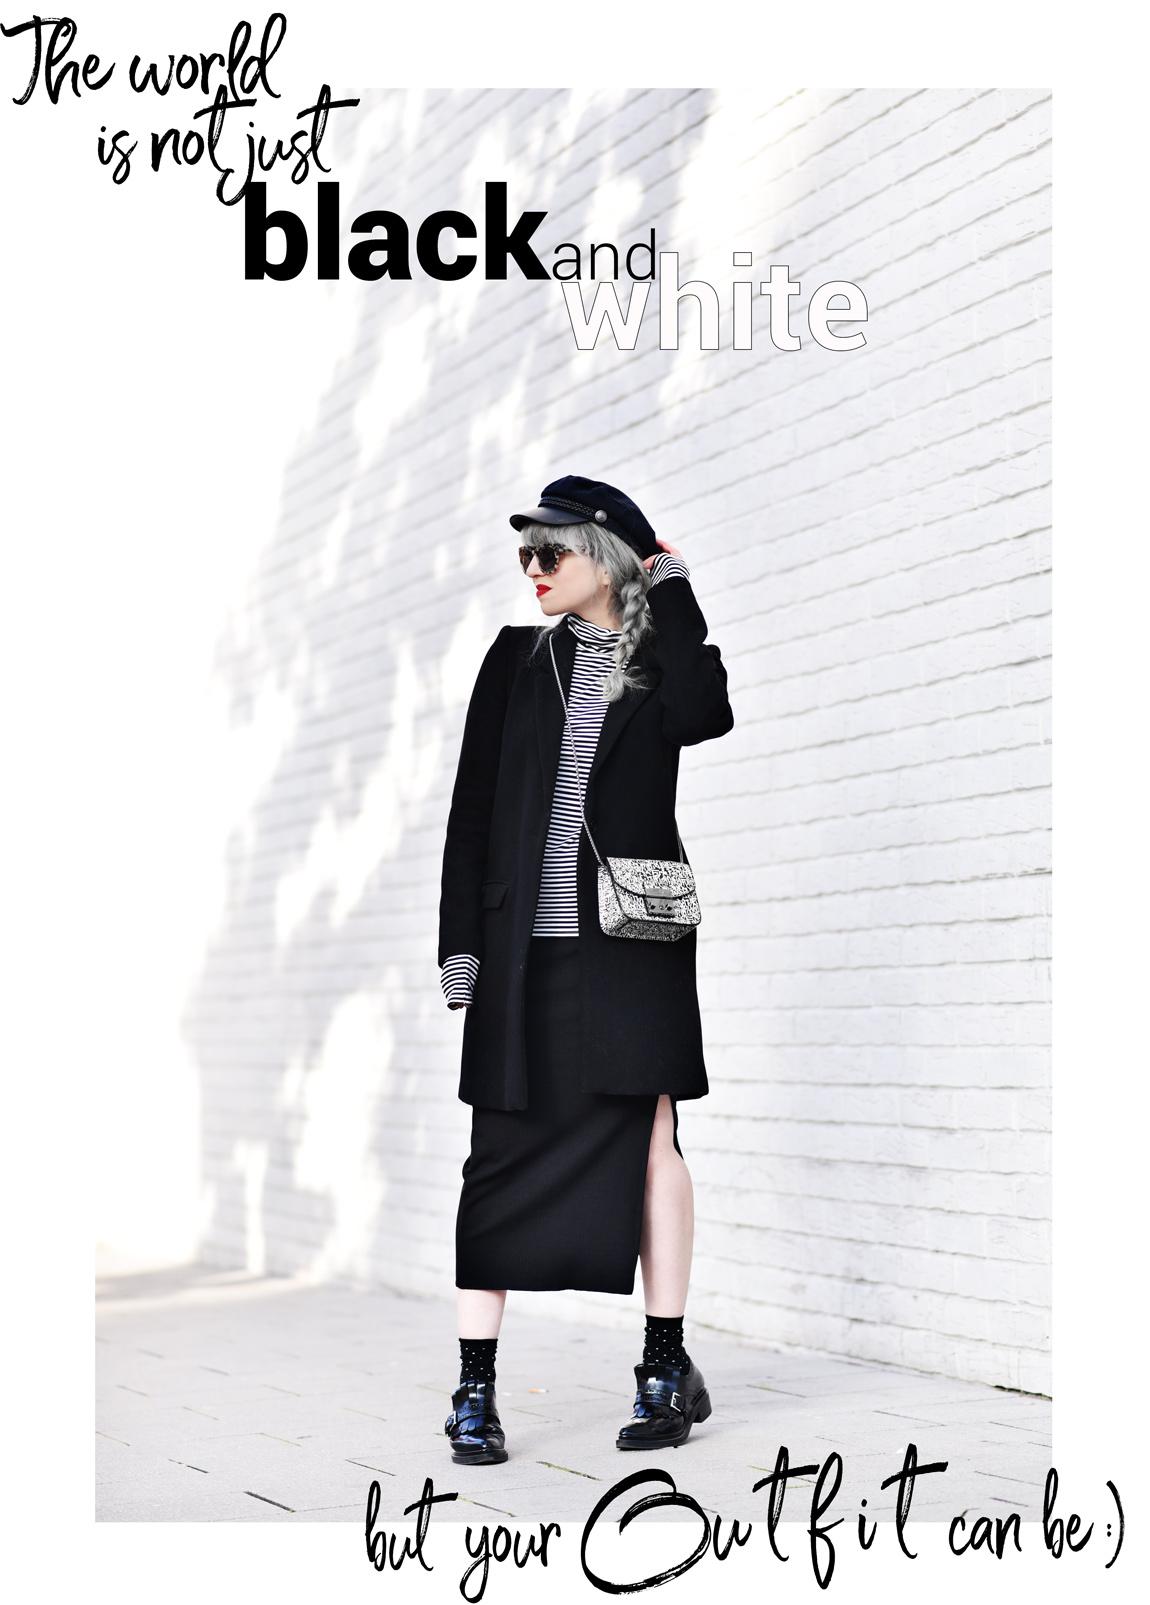 schwarz, weiss, minimalism, streifen, striped, blogger, ootd, streetstyle, fashionblogger, modeblogger, nachgesternistvormorgen, muenchen, munich